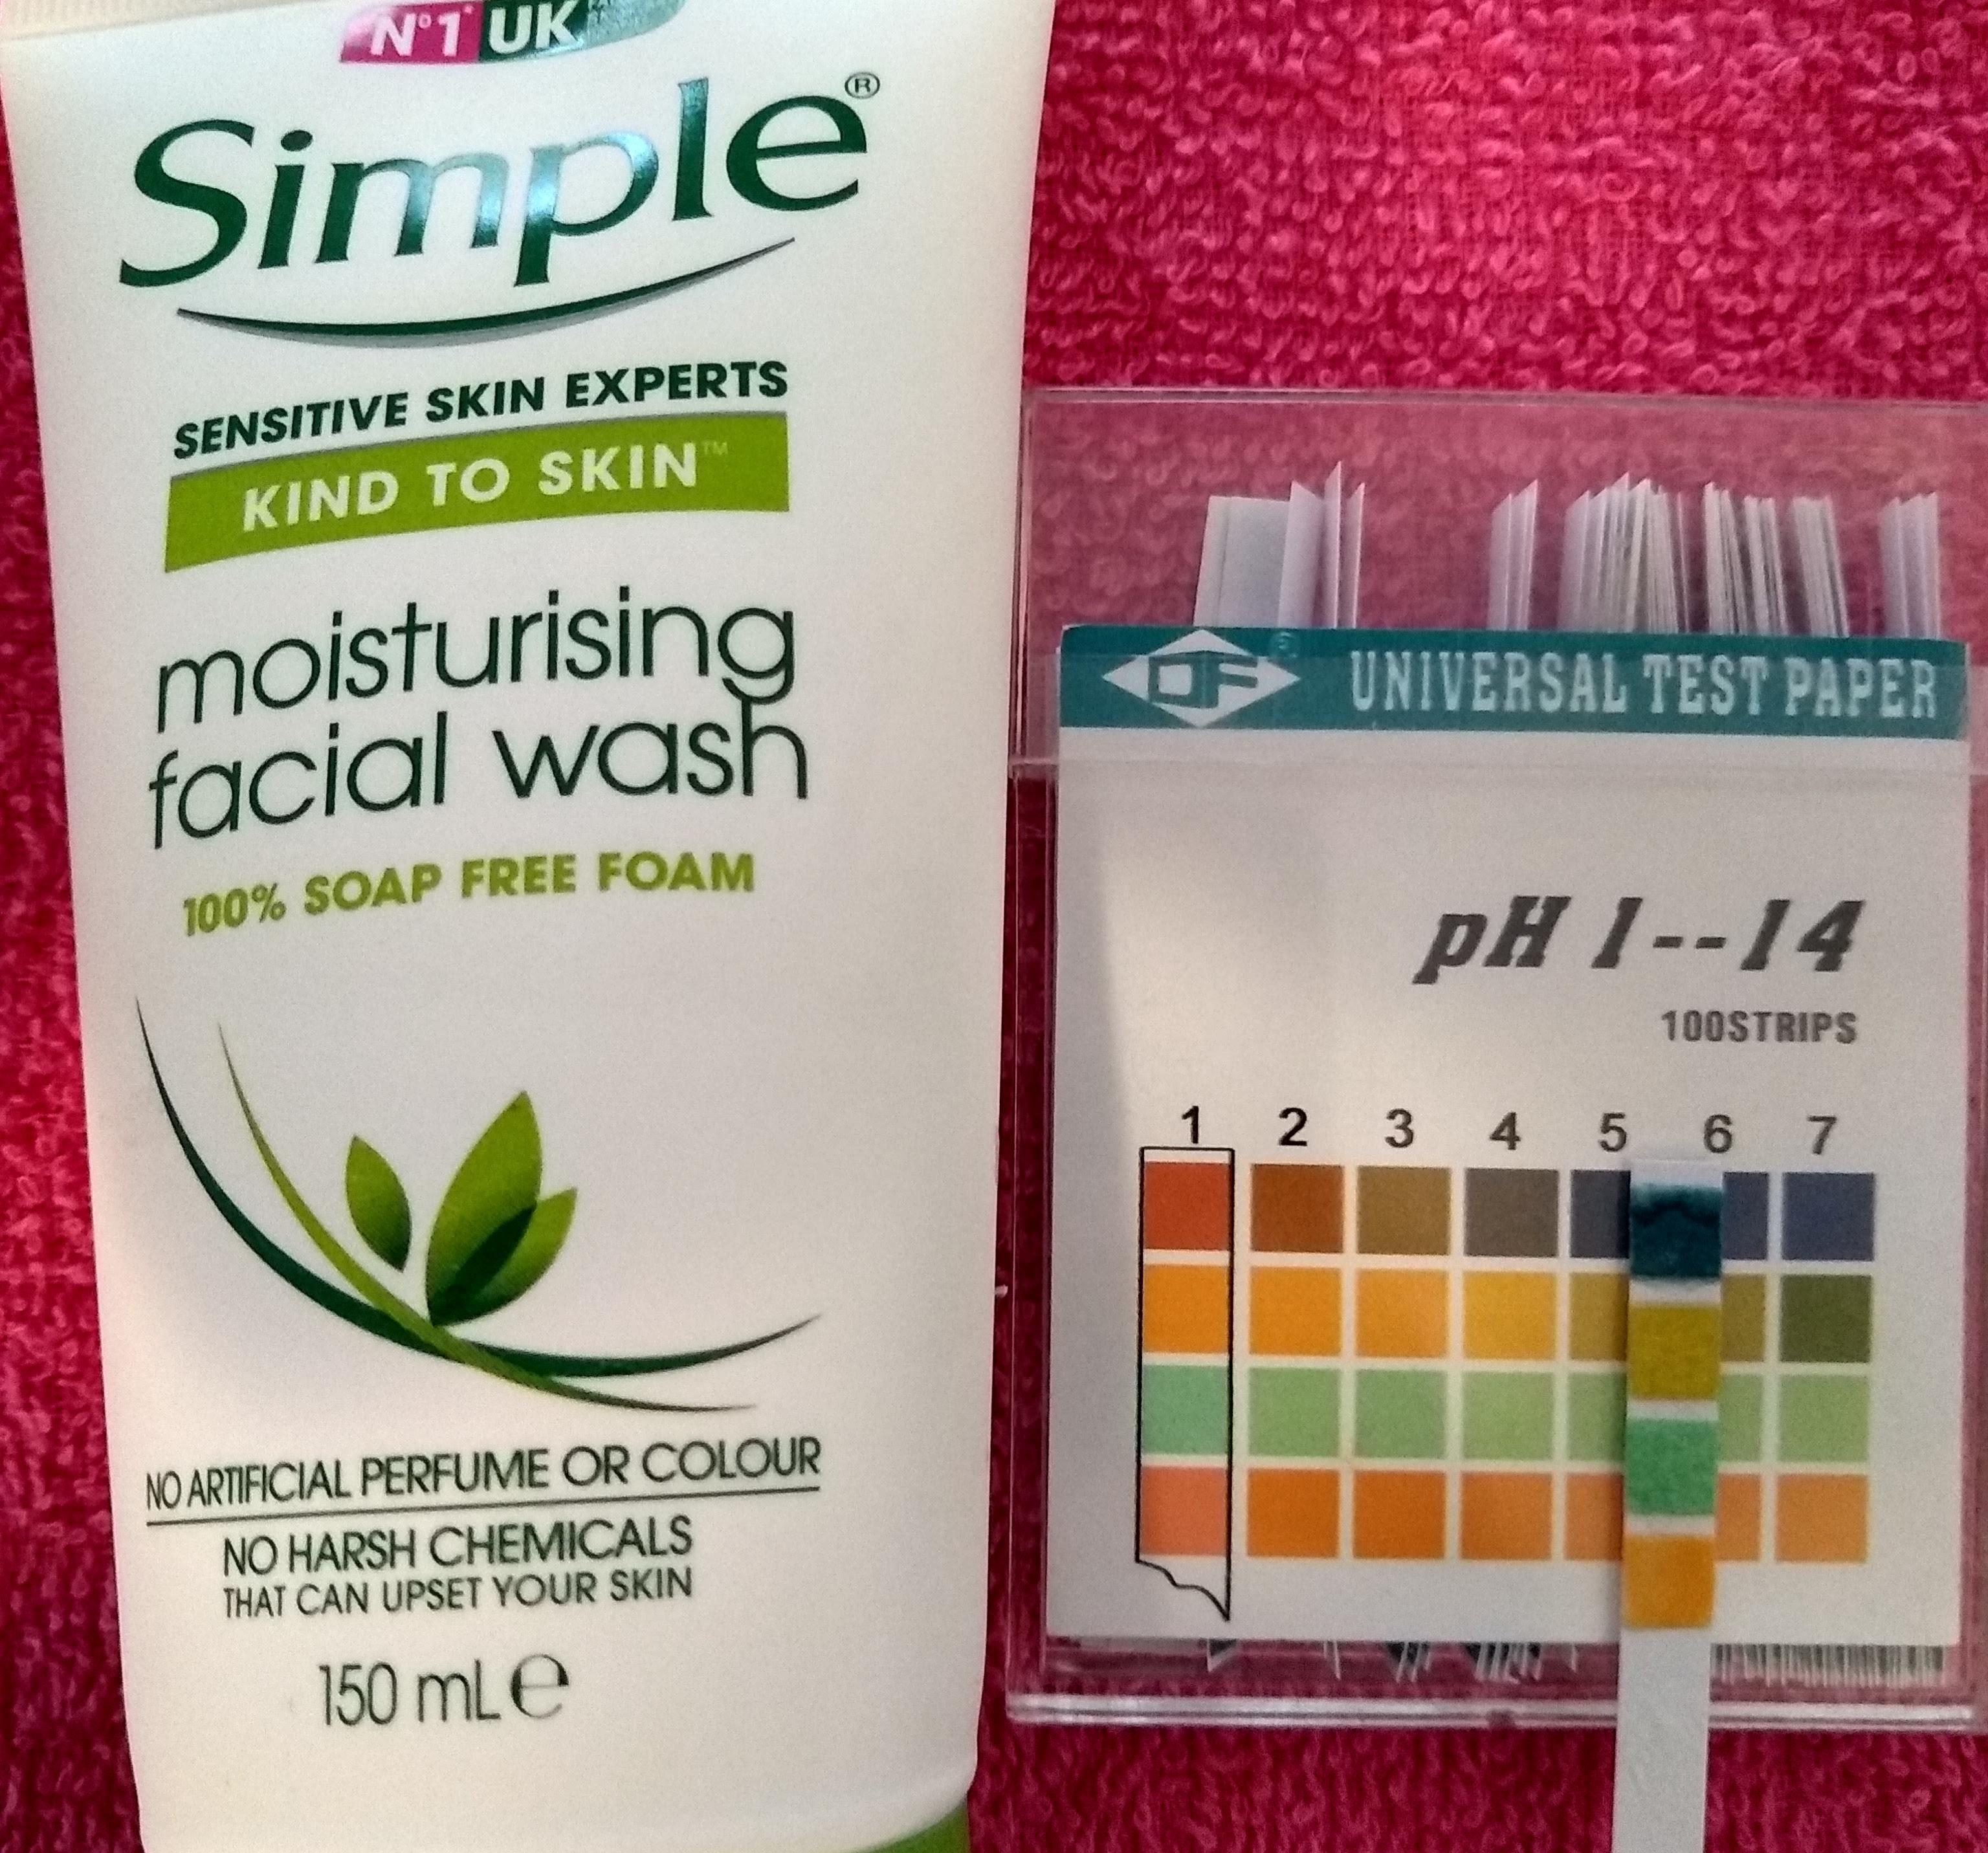 pH del limpiador humectante de Simple